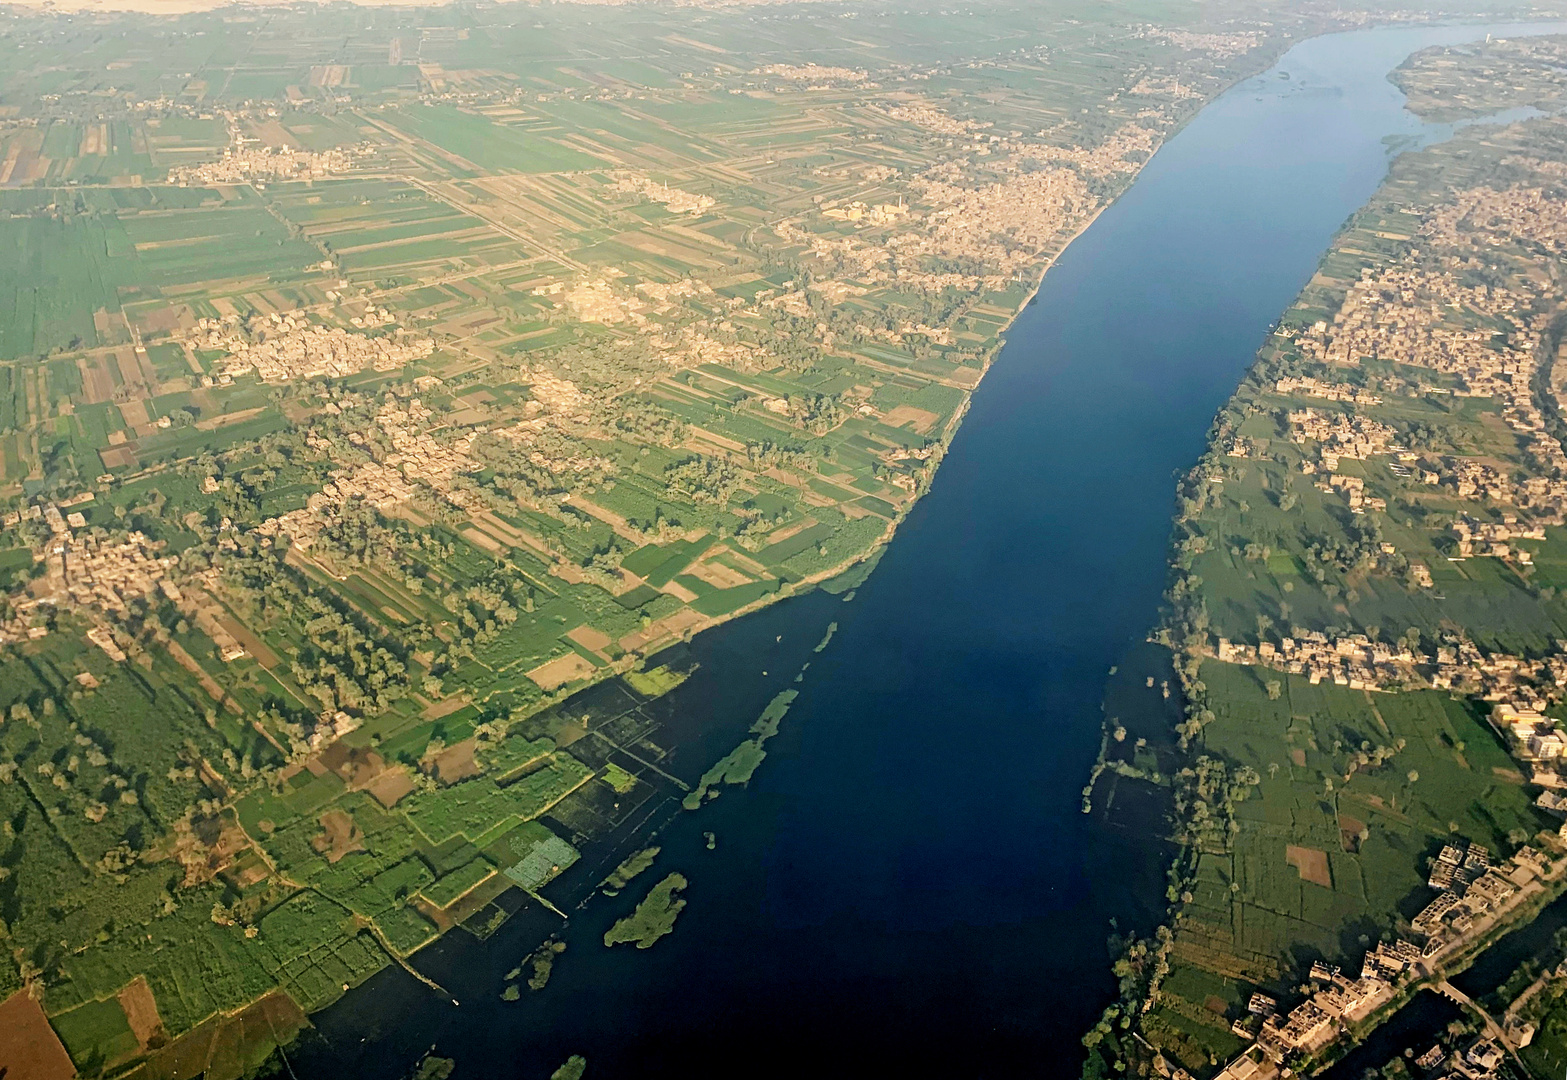 السودان يحذر من ارتفاع مناسيب مياه النيل ويدعو المواطنين للحذر حفاظا على حياتهم